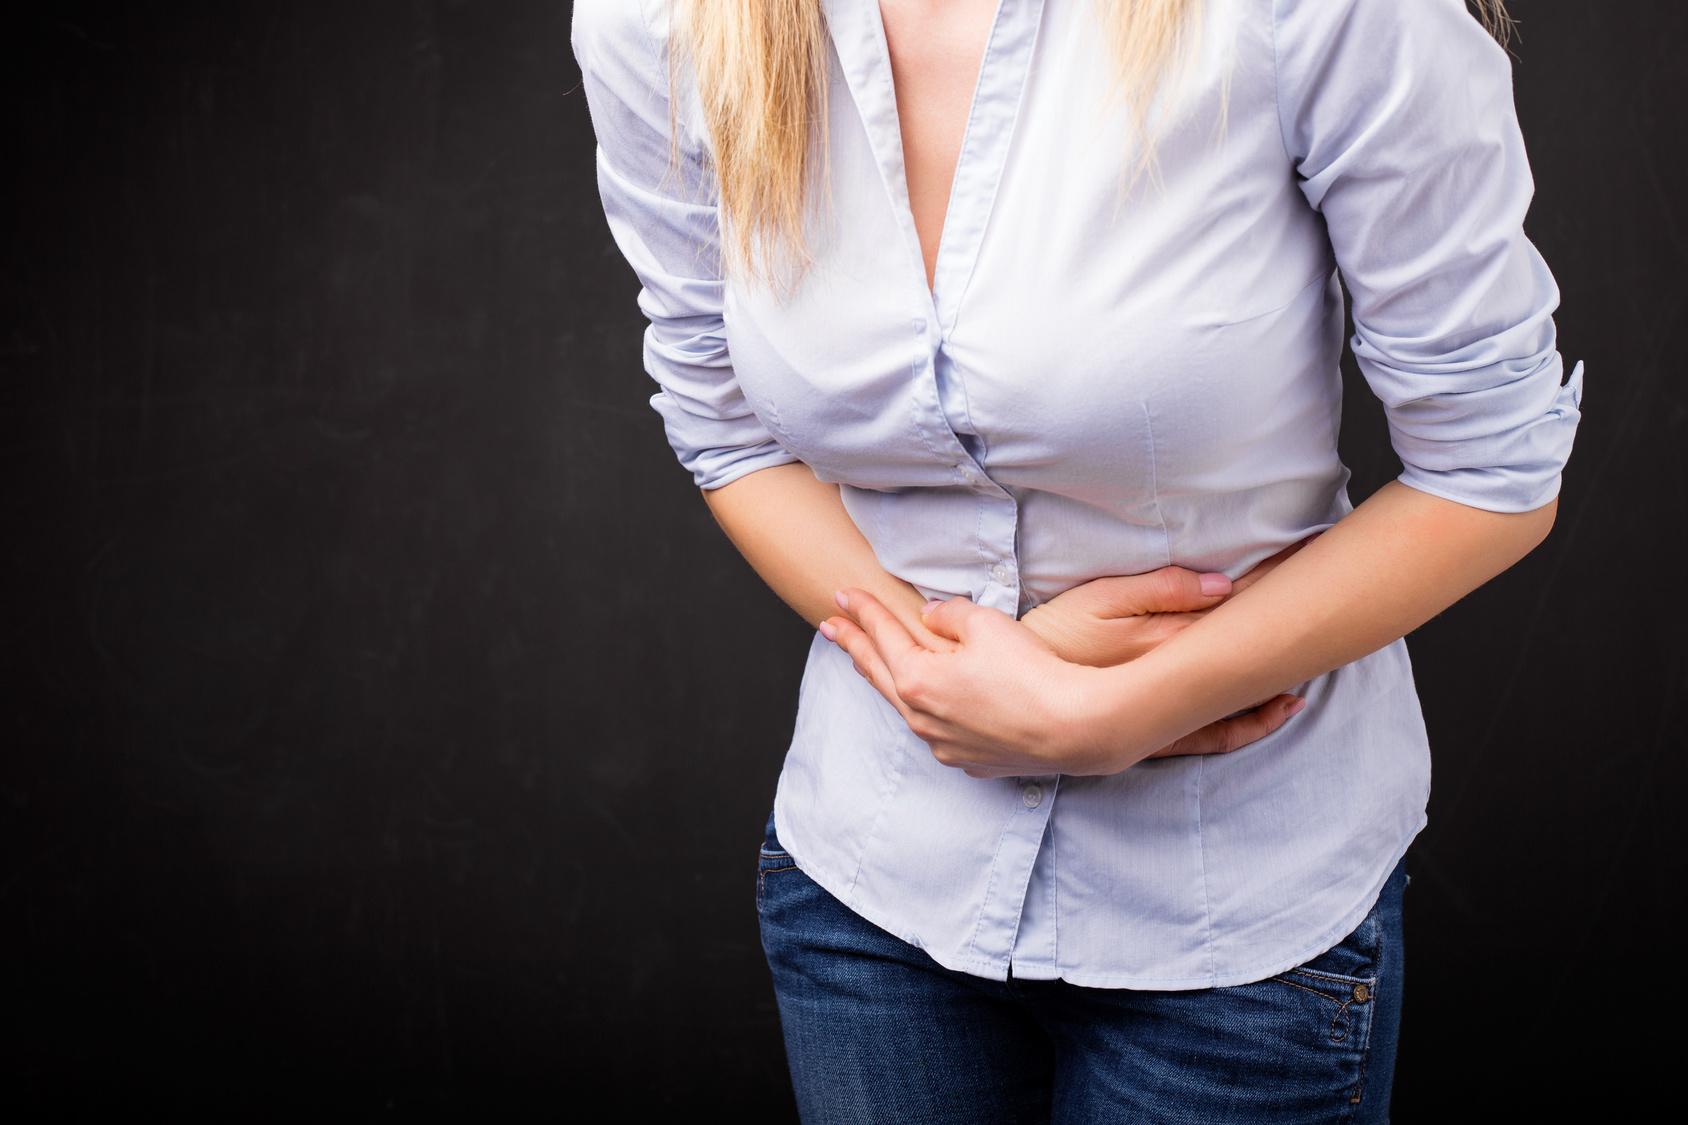 Kurs - Osteopatyczne podejście do przewlekłego bólu miednicy i obszaru krocza